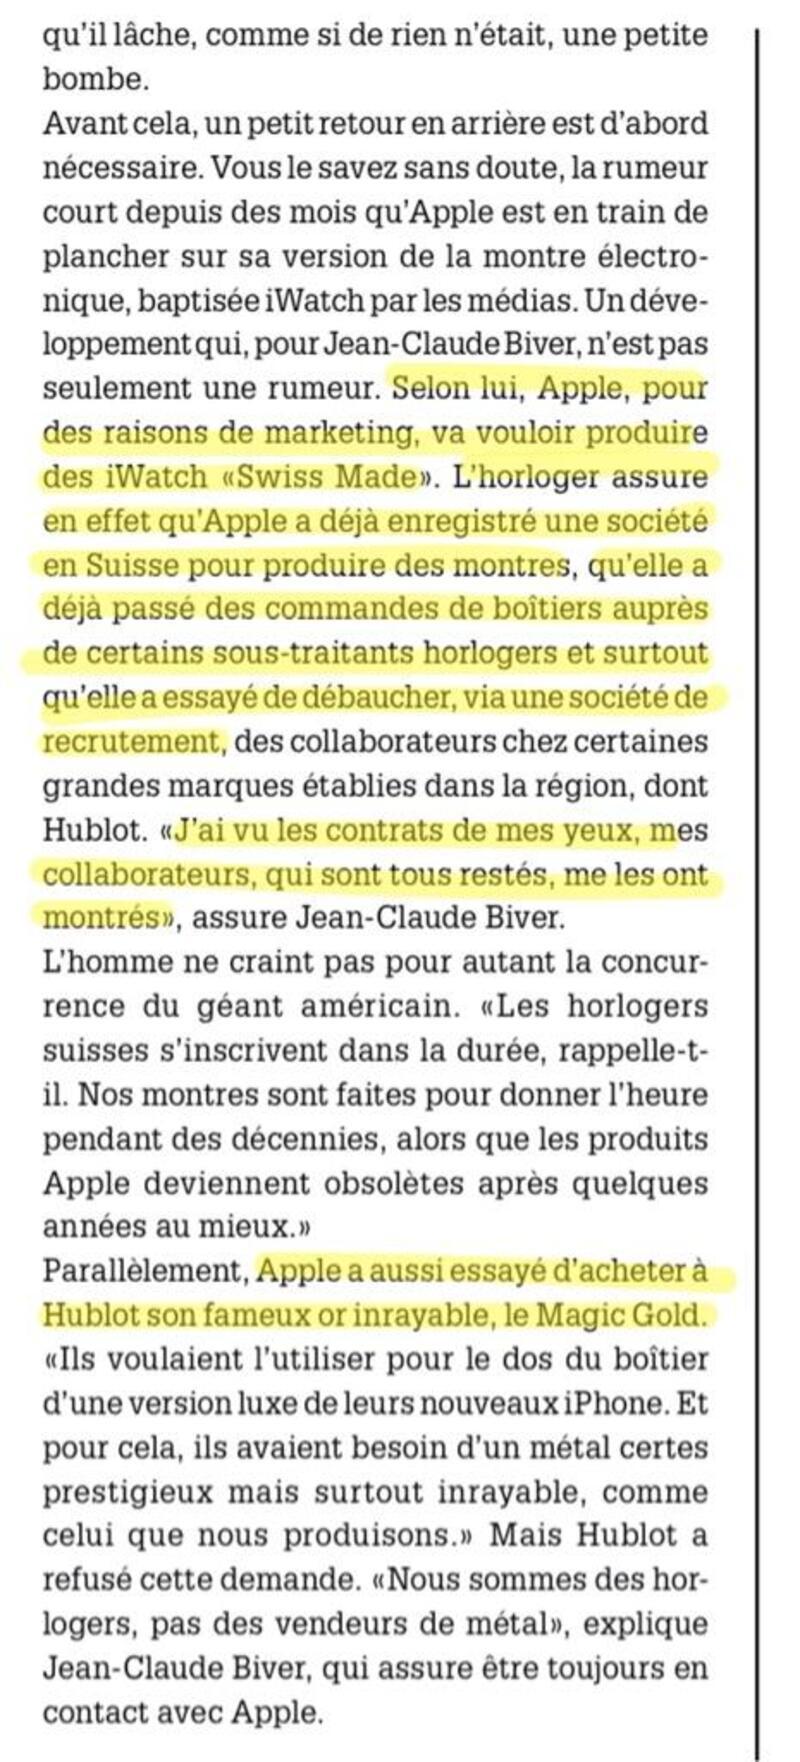 Illustration : Apple ferait ses courses en Suisse pour son iWatch, notamment chez Hublot